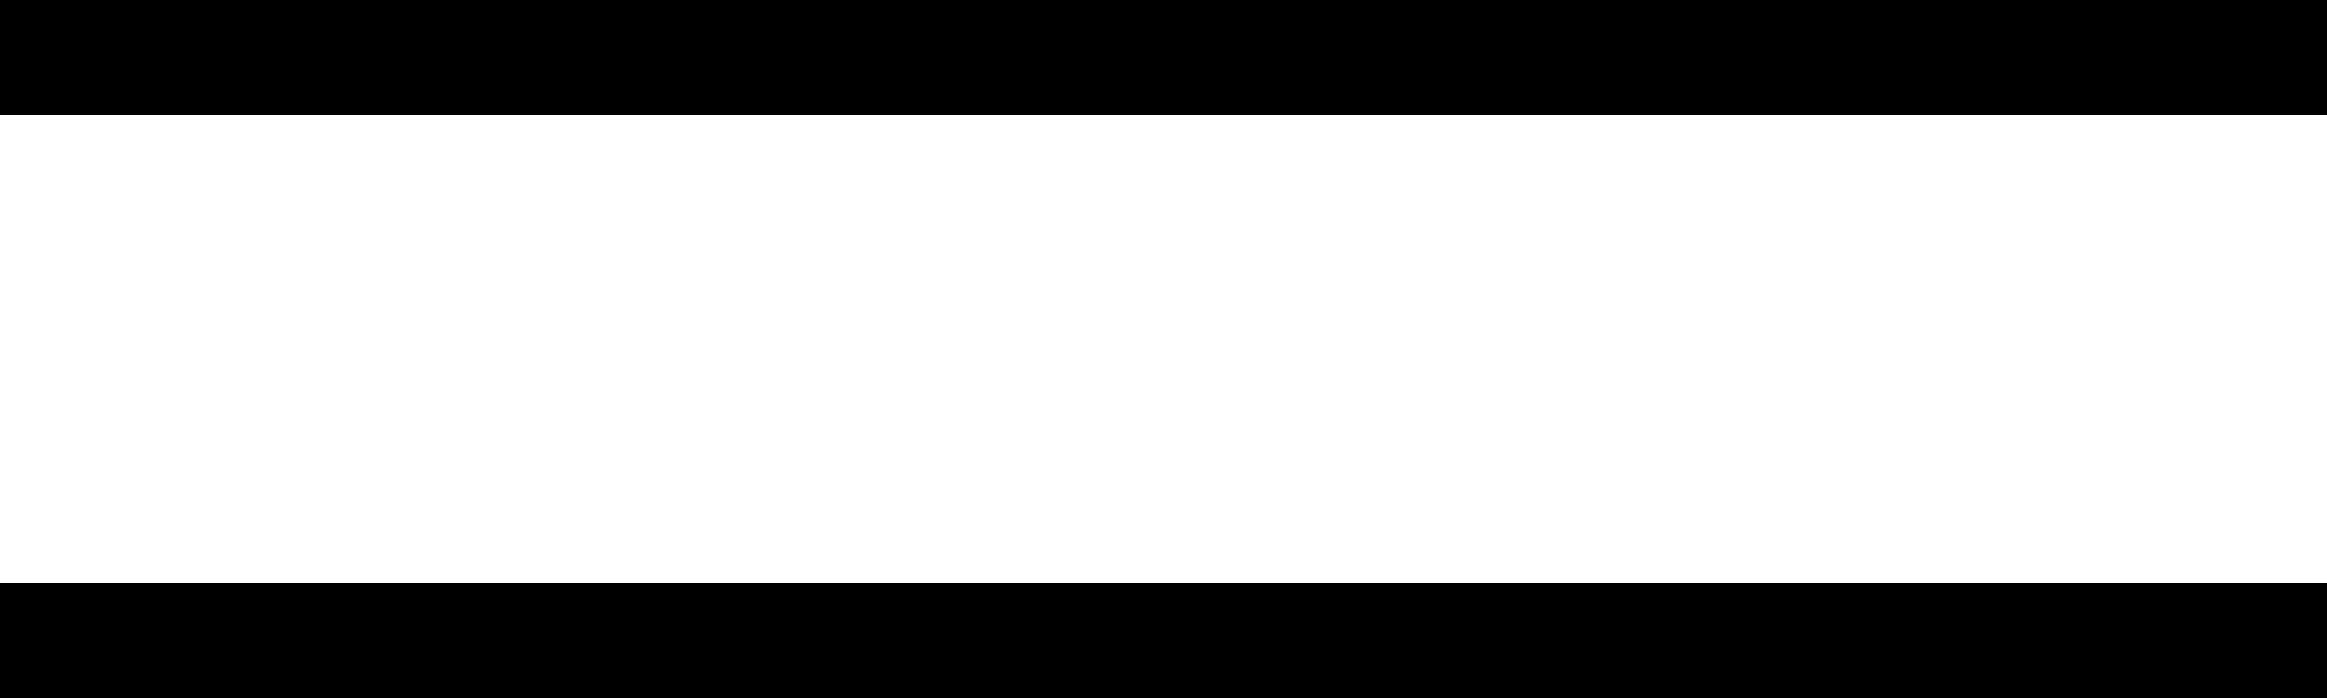 Pandora White.png